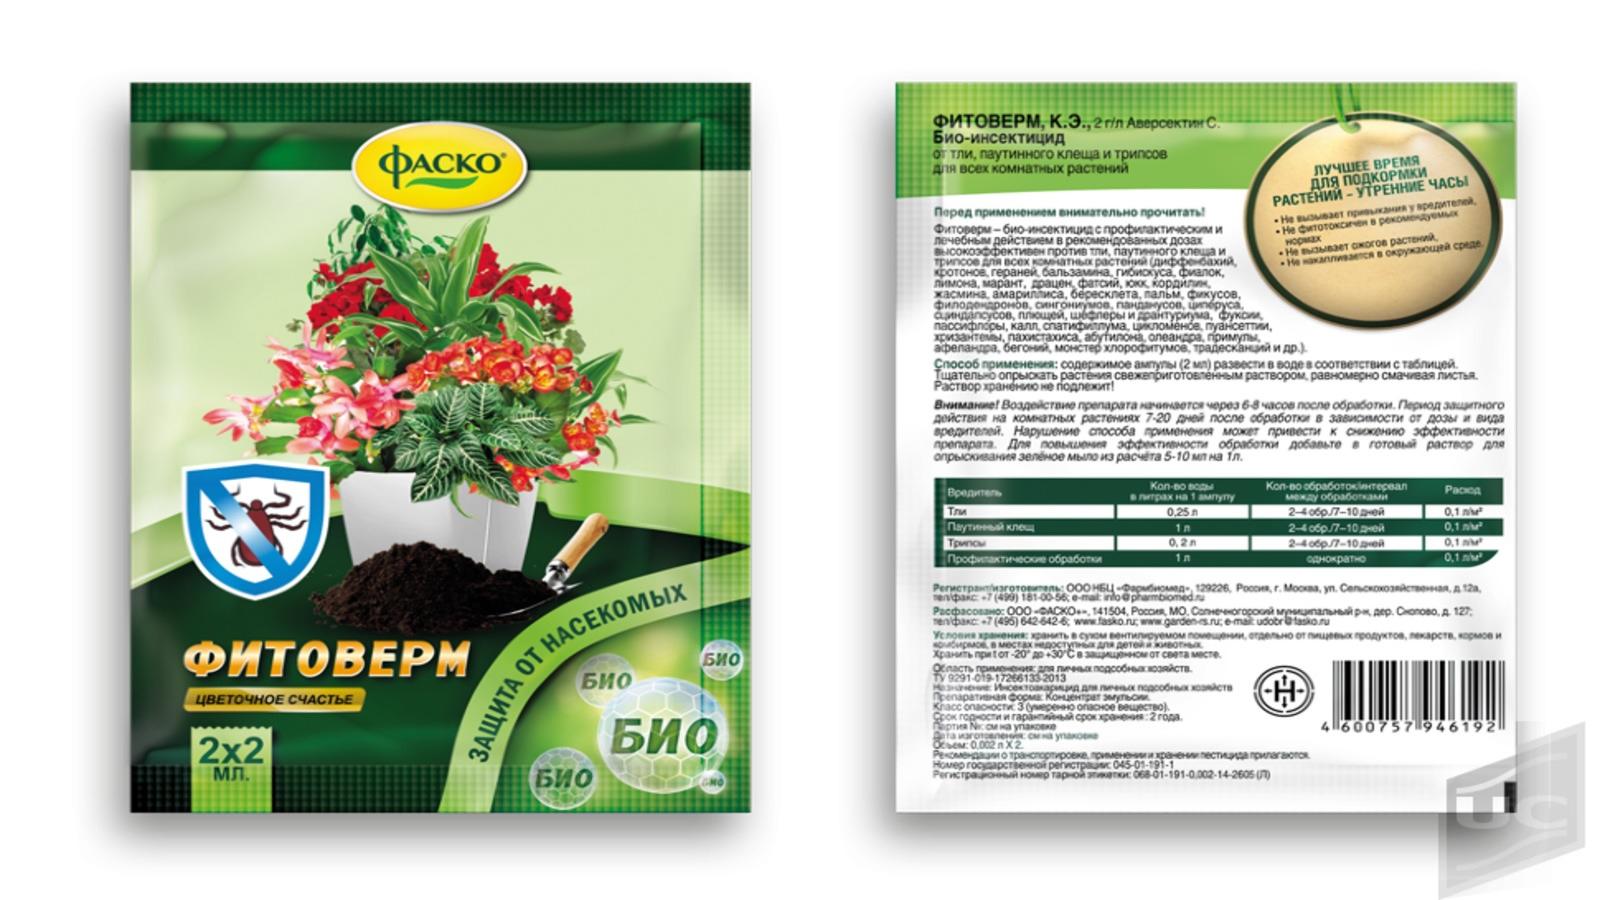 Фитоверм – проверенное средство от вредителей комнатных растений